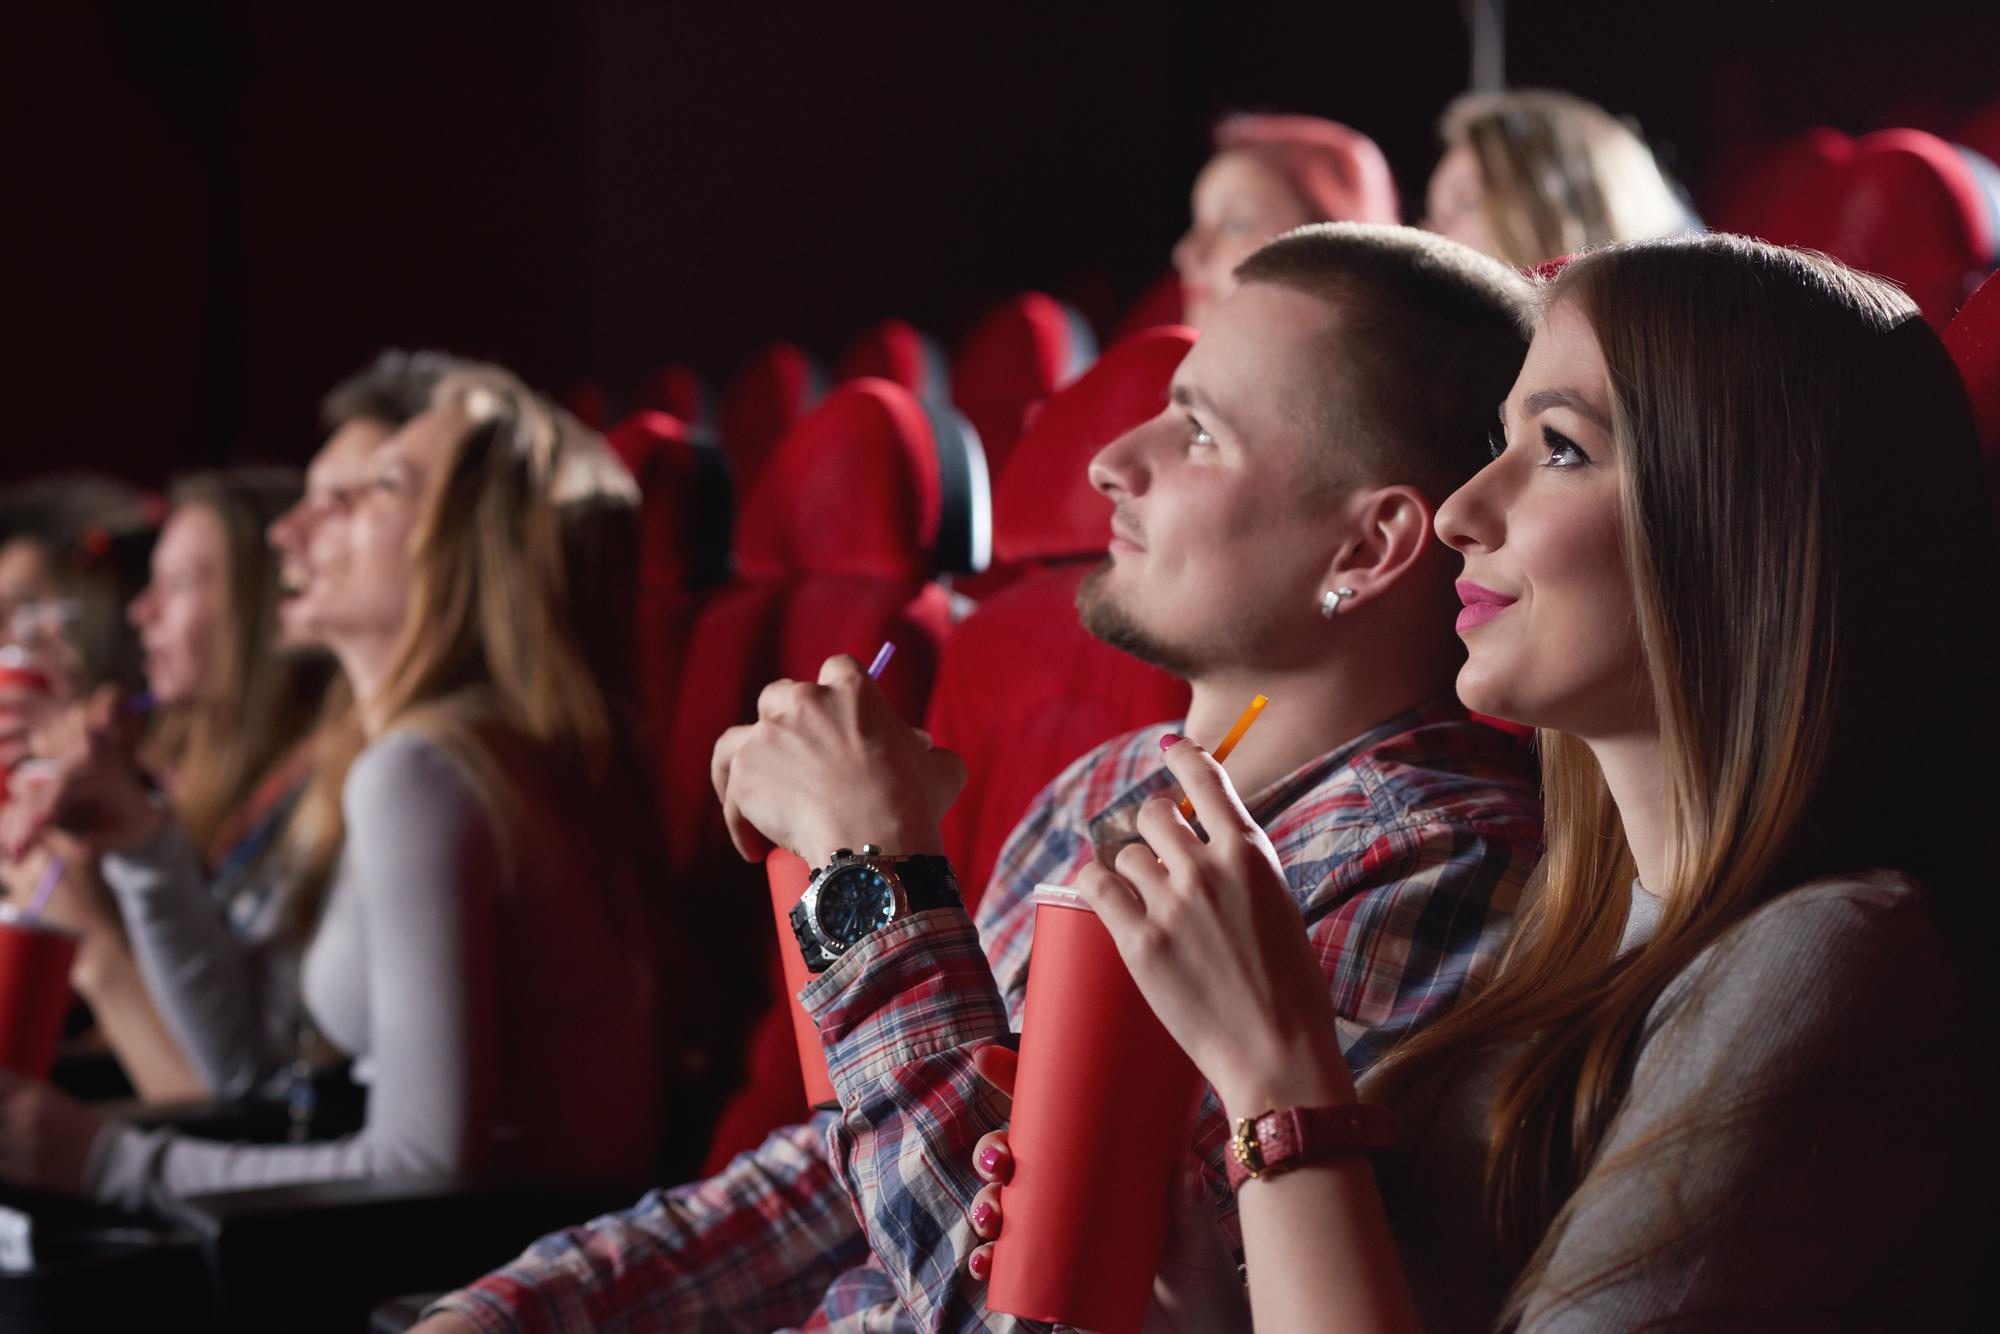 「次の映画は何時に始まりますか?」中学3年間の英語でデキル!日常会話(13)